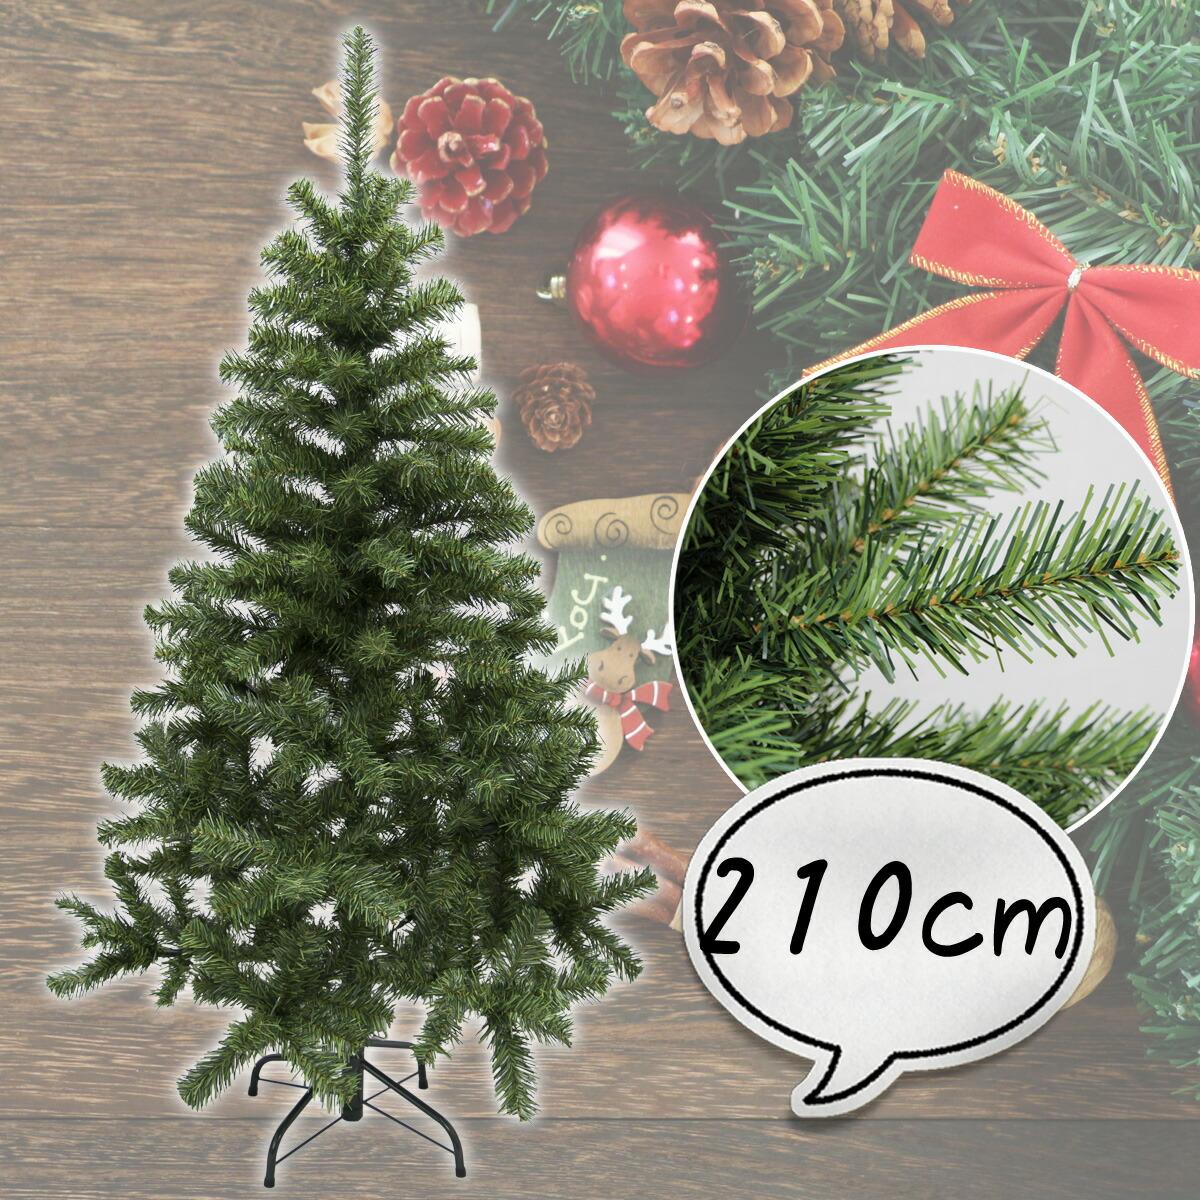 クリスマスツリー 210cm [ツリー 木 単品 ] フランクヒルズツリー 北欧 おしゃれ